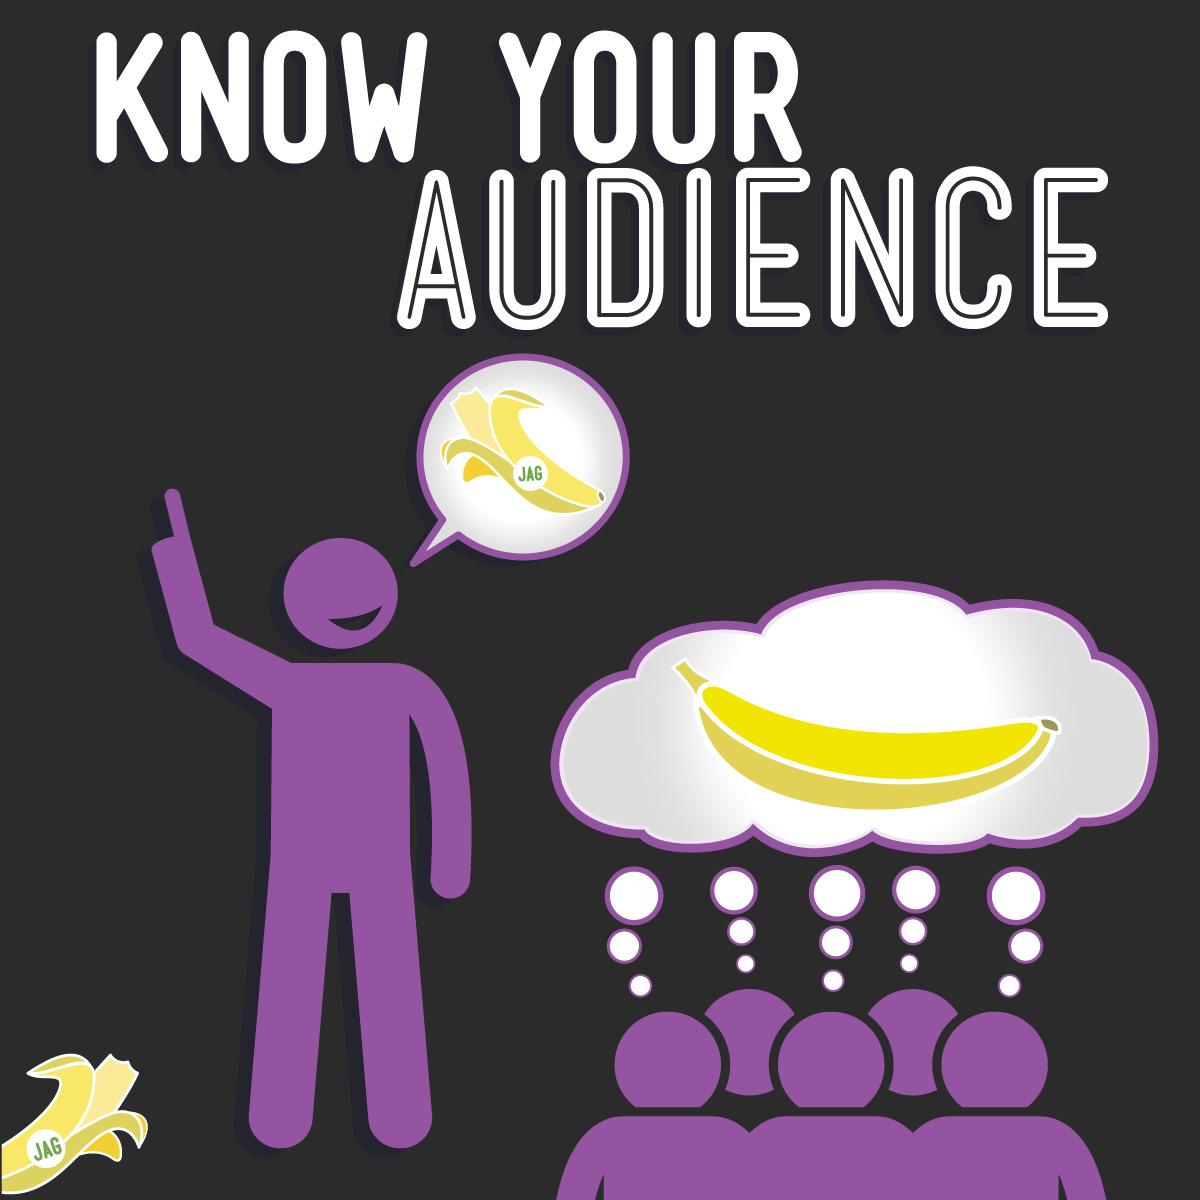 jag-branding-know-your-audience-EN.jpg